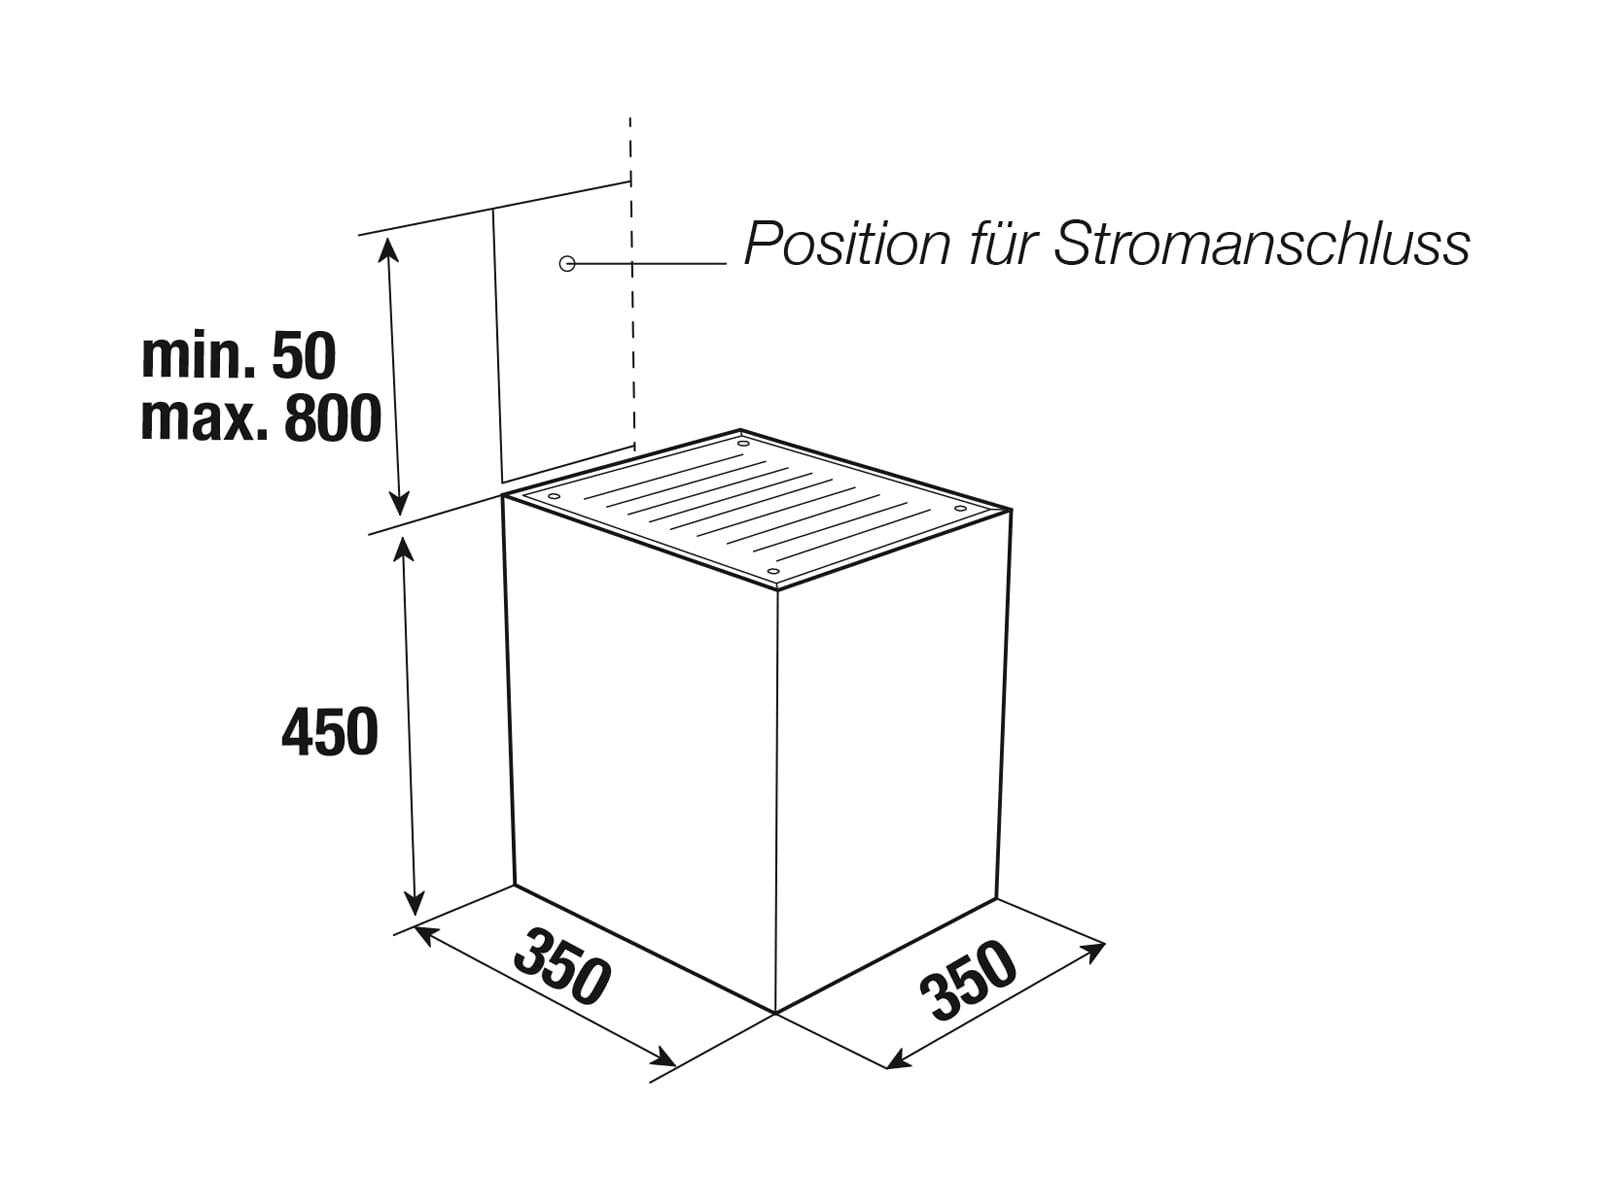 Küppersbusch DW 3800.0 S K-Series. 8 Wandhaube 35 cm Schwarz/Edelstahl